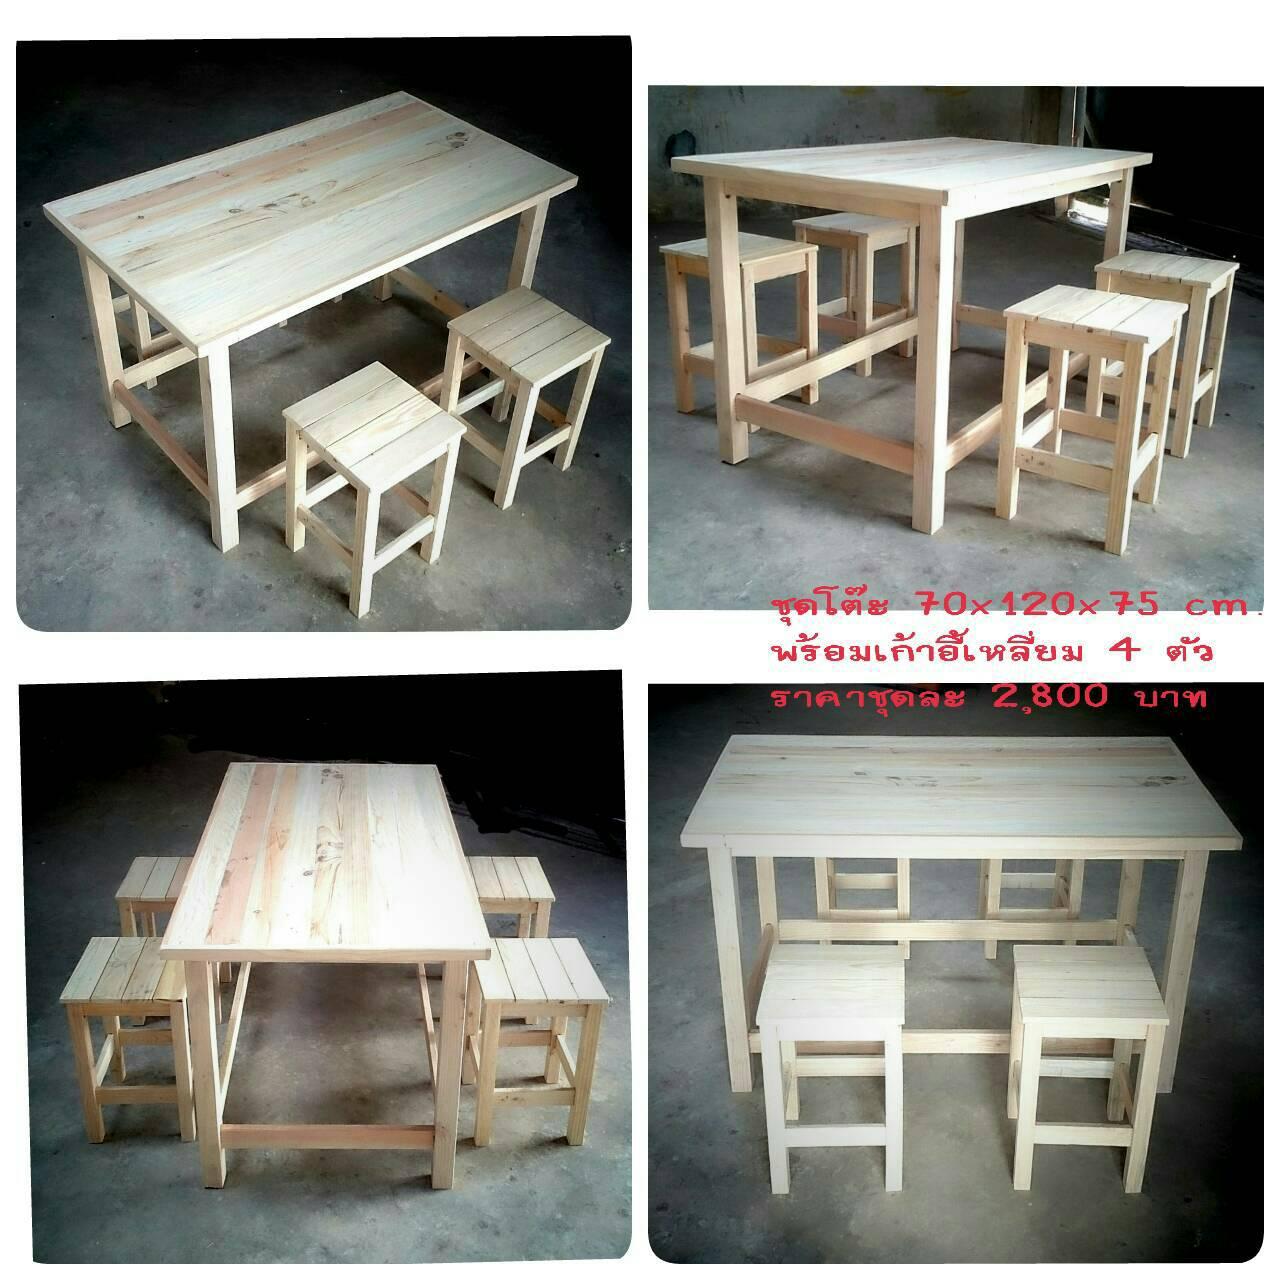 หน้าแรกของร้าน  ร้านขายโต๊ะไม้เมืองภูเก็ต ผลิตและจำหน่าย โต๊ะไม้ เก้าอี้ไม้ สำหรับร้านอาหาร ร้านเหล้า ราคาถูก สำหรับลูกค้าในเขตจังหวัดภูเก็ต                                                                                                                                     โต๊ะไม้เมืองภูเก็ต